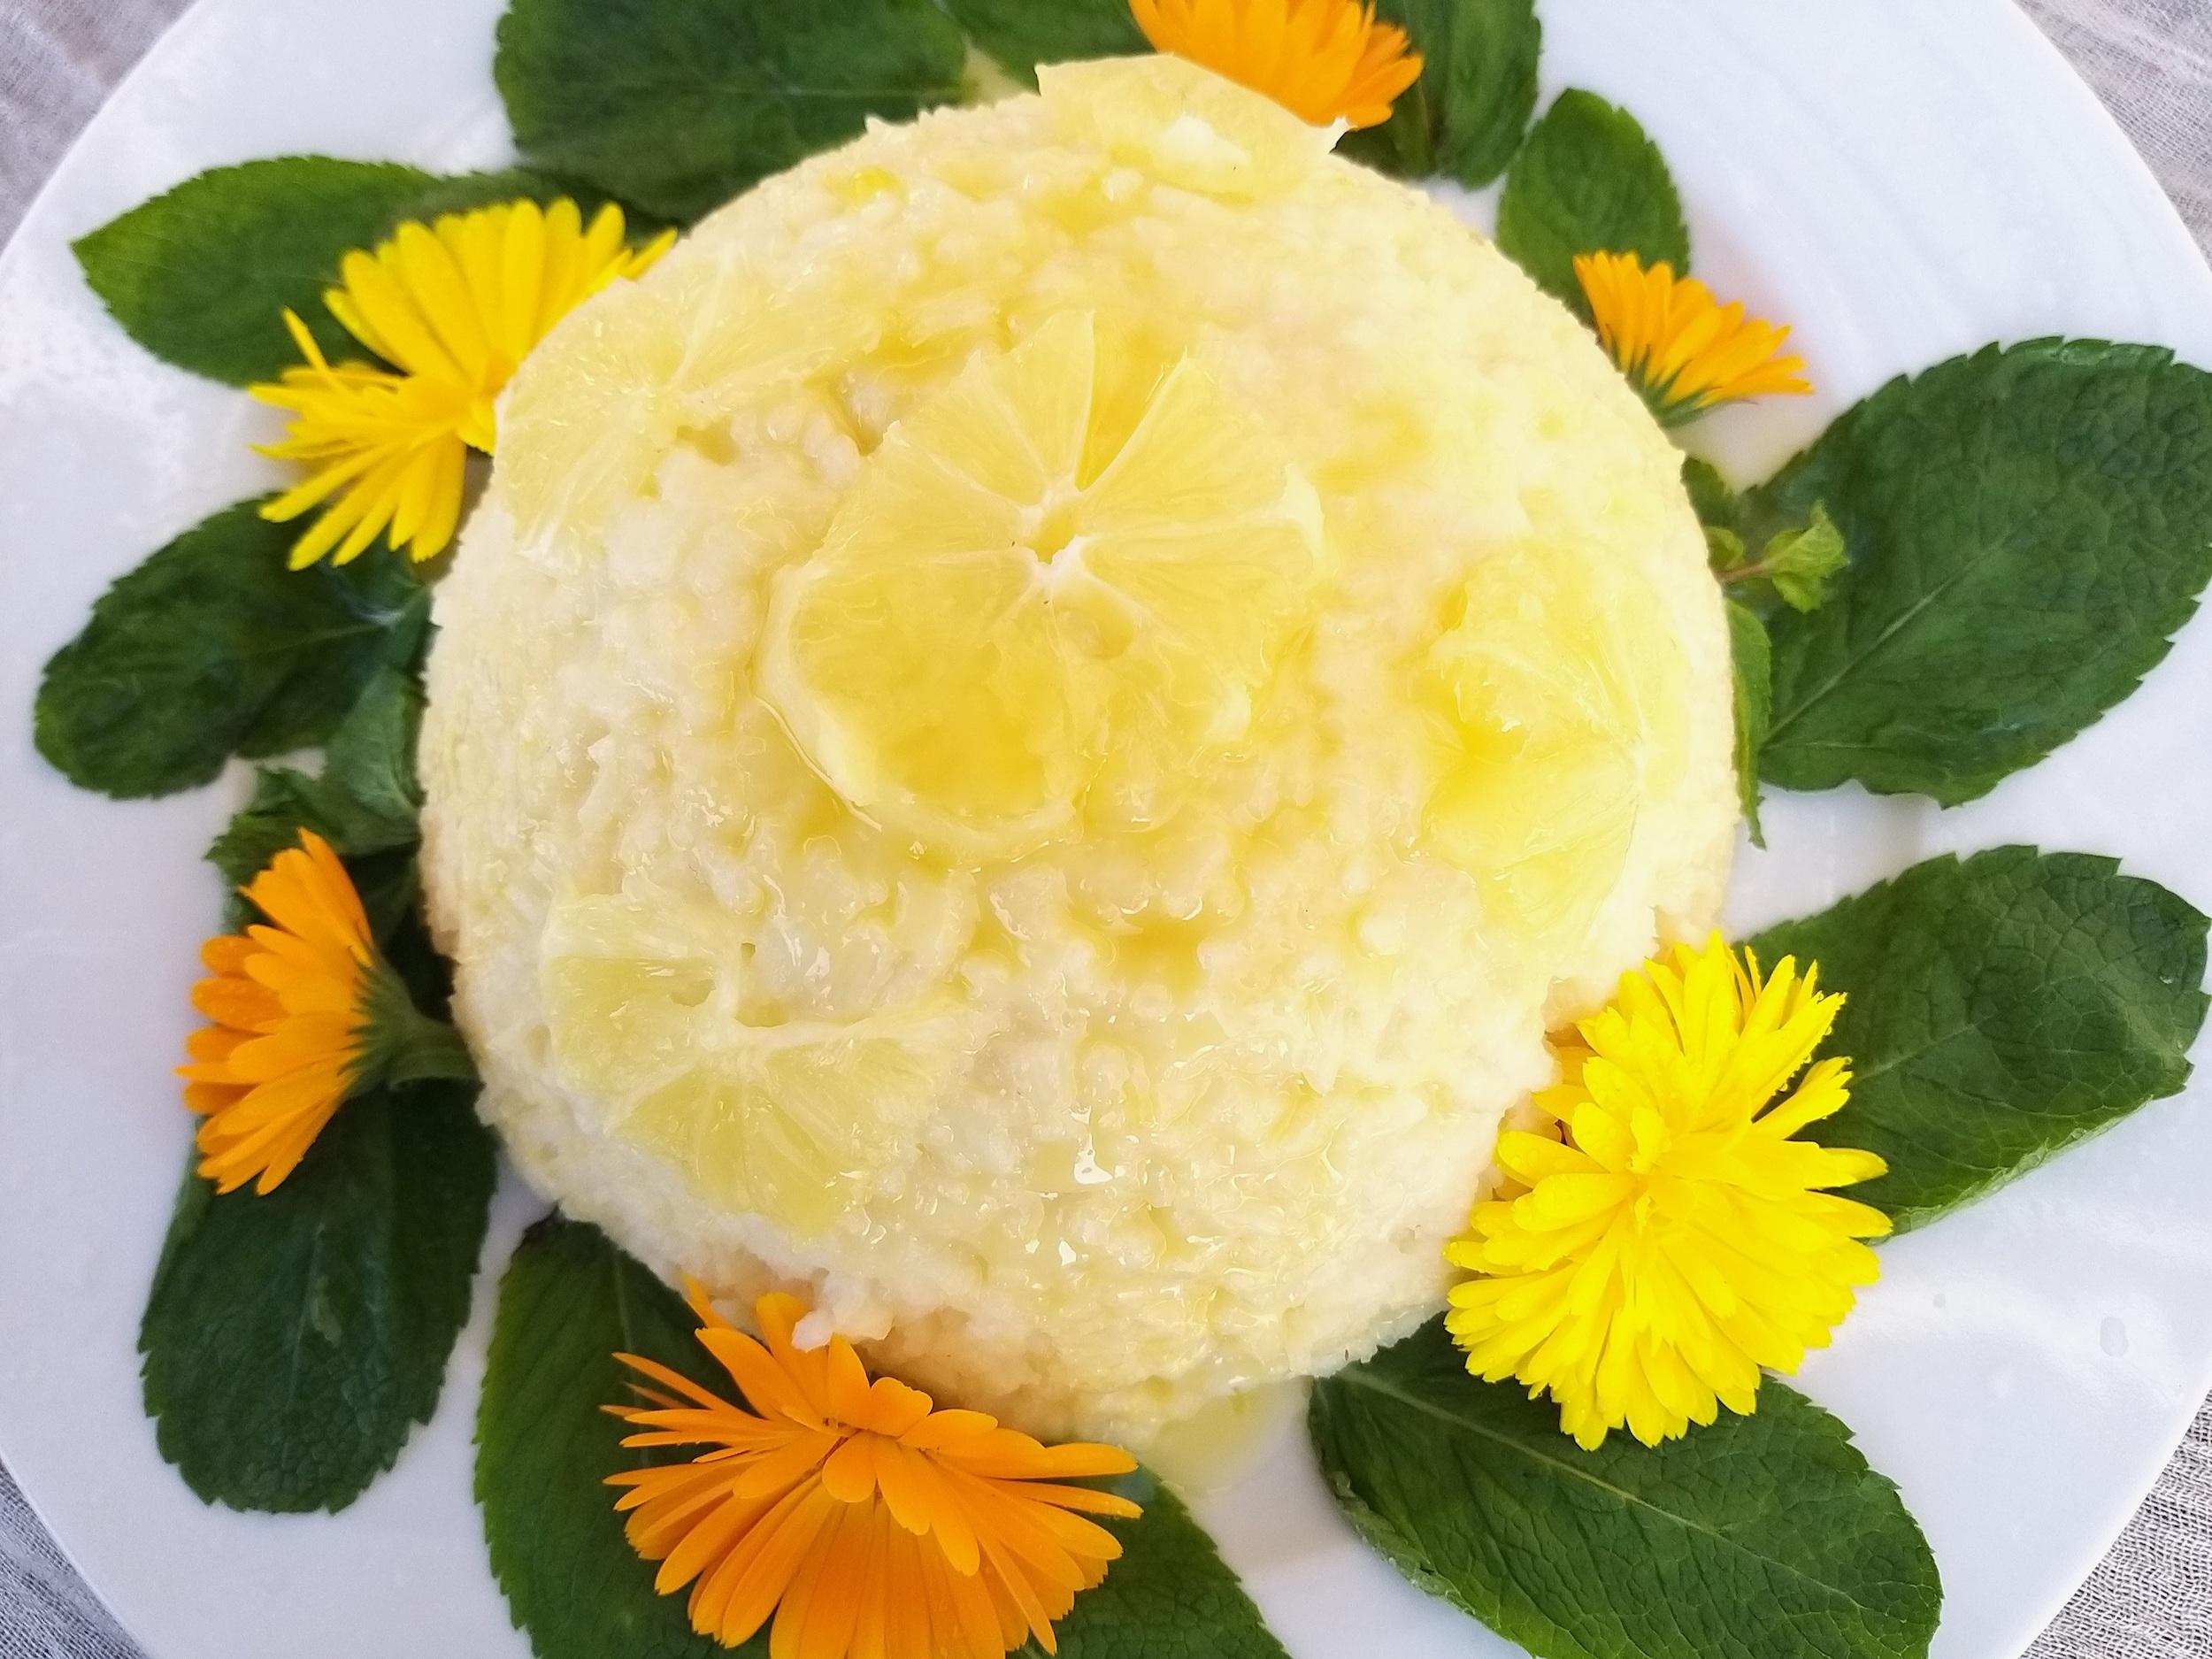 rijsttoetje met citroen